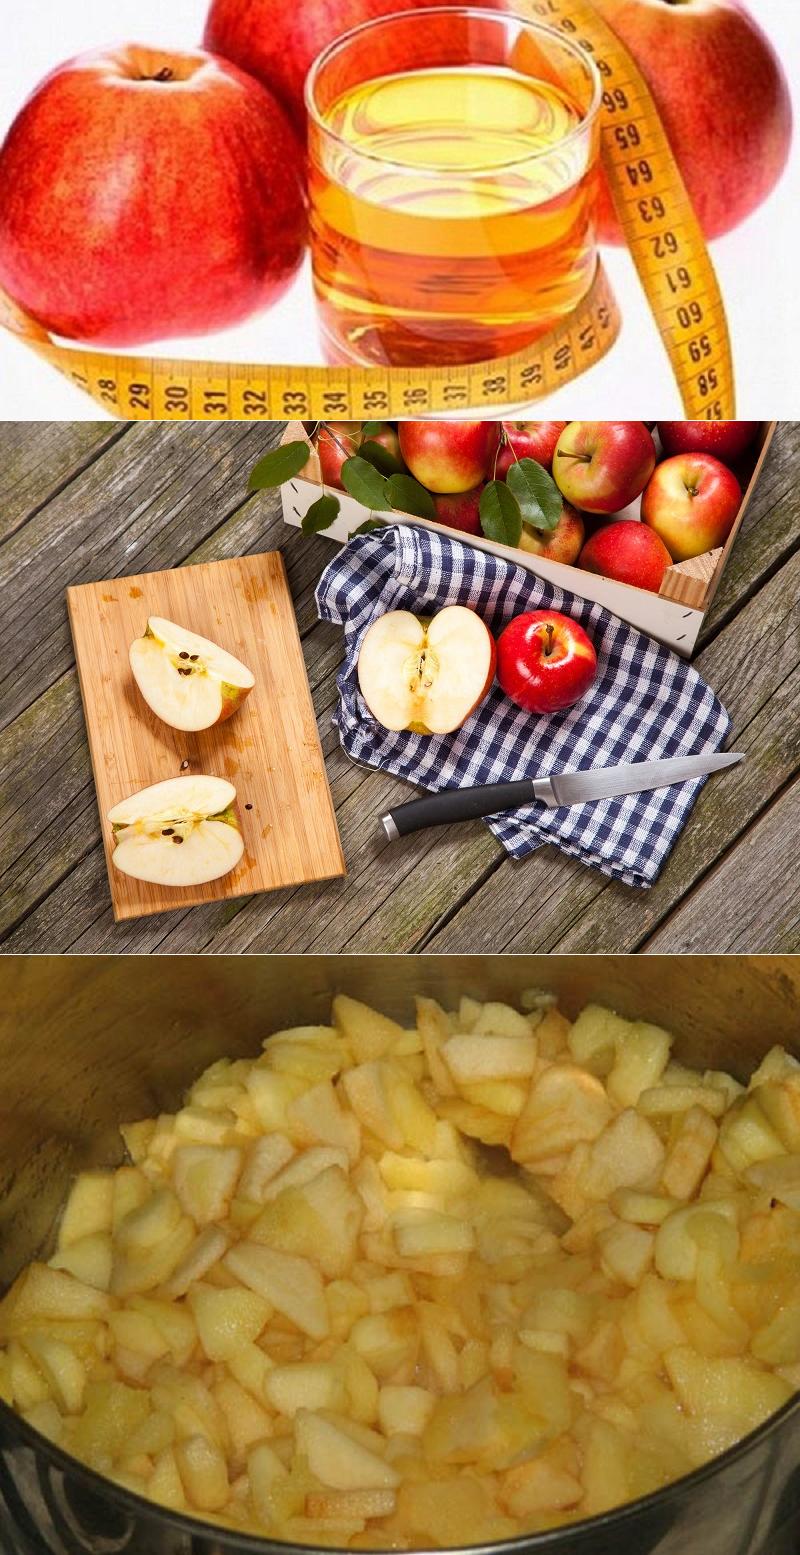 Диета на яблочном уксусе и отзывы